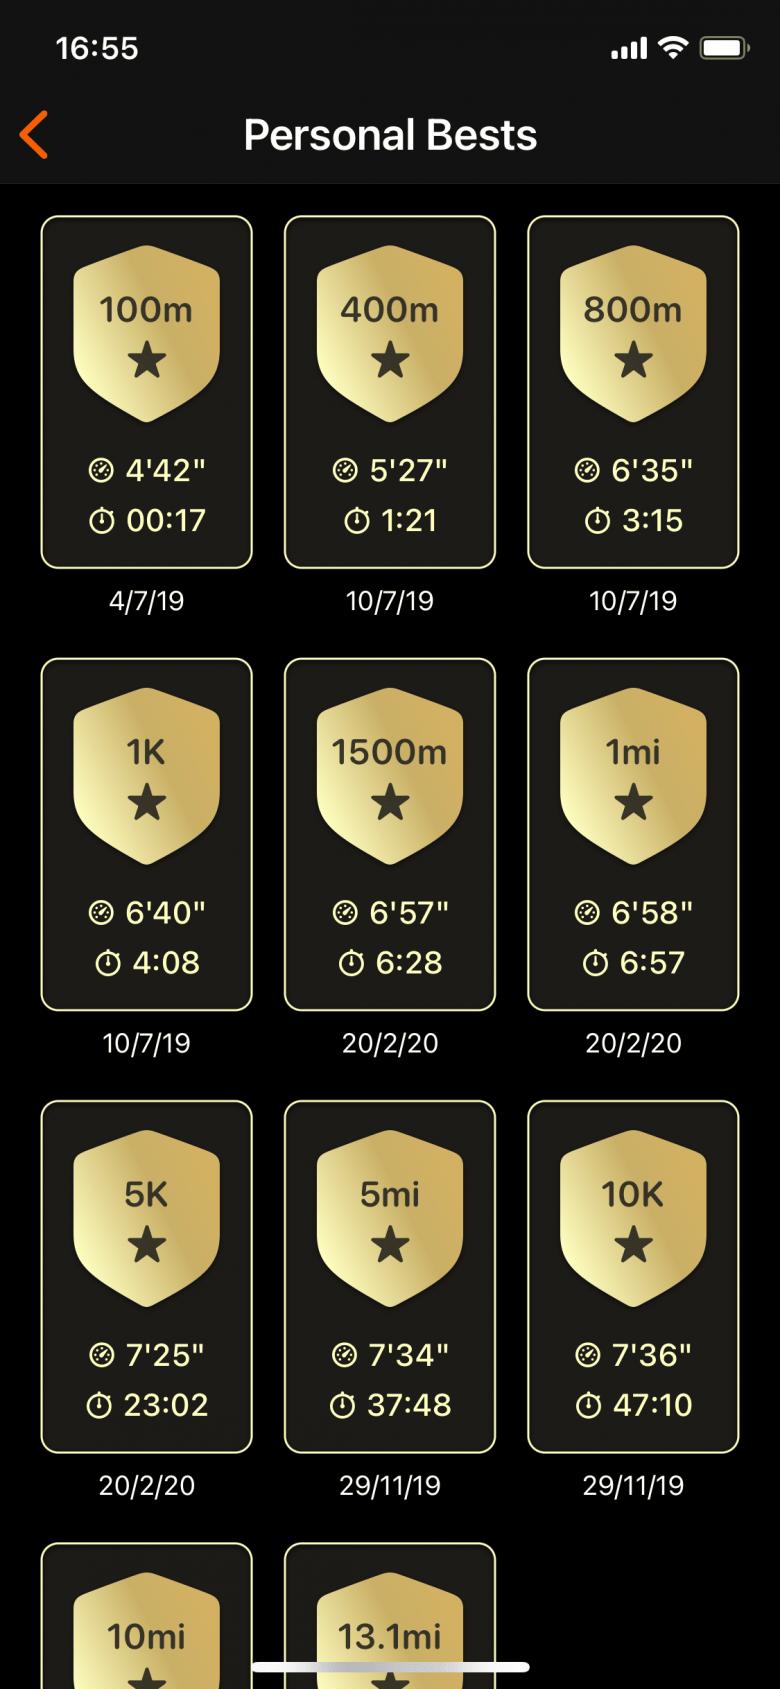 Records personales de 100m, 400m, 800m, 1K, 1500m, 1mi, 5K, 5mi, 10K, 10mi y 13.1mi (Media Maratón)